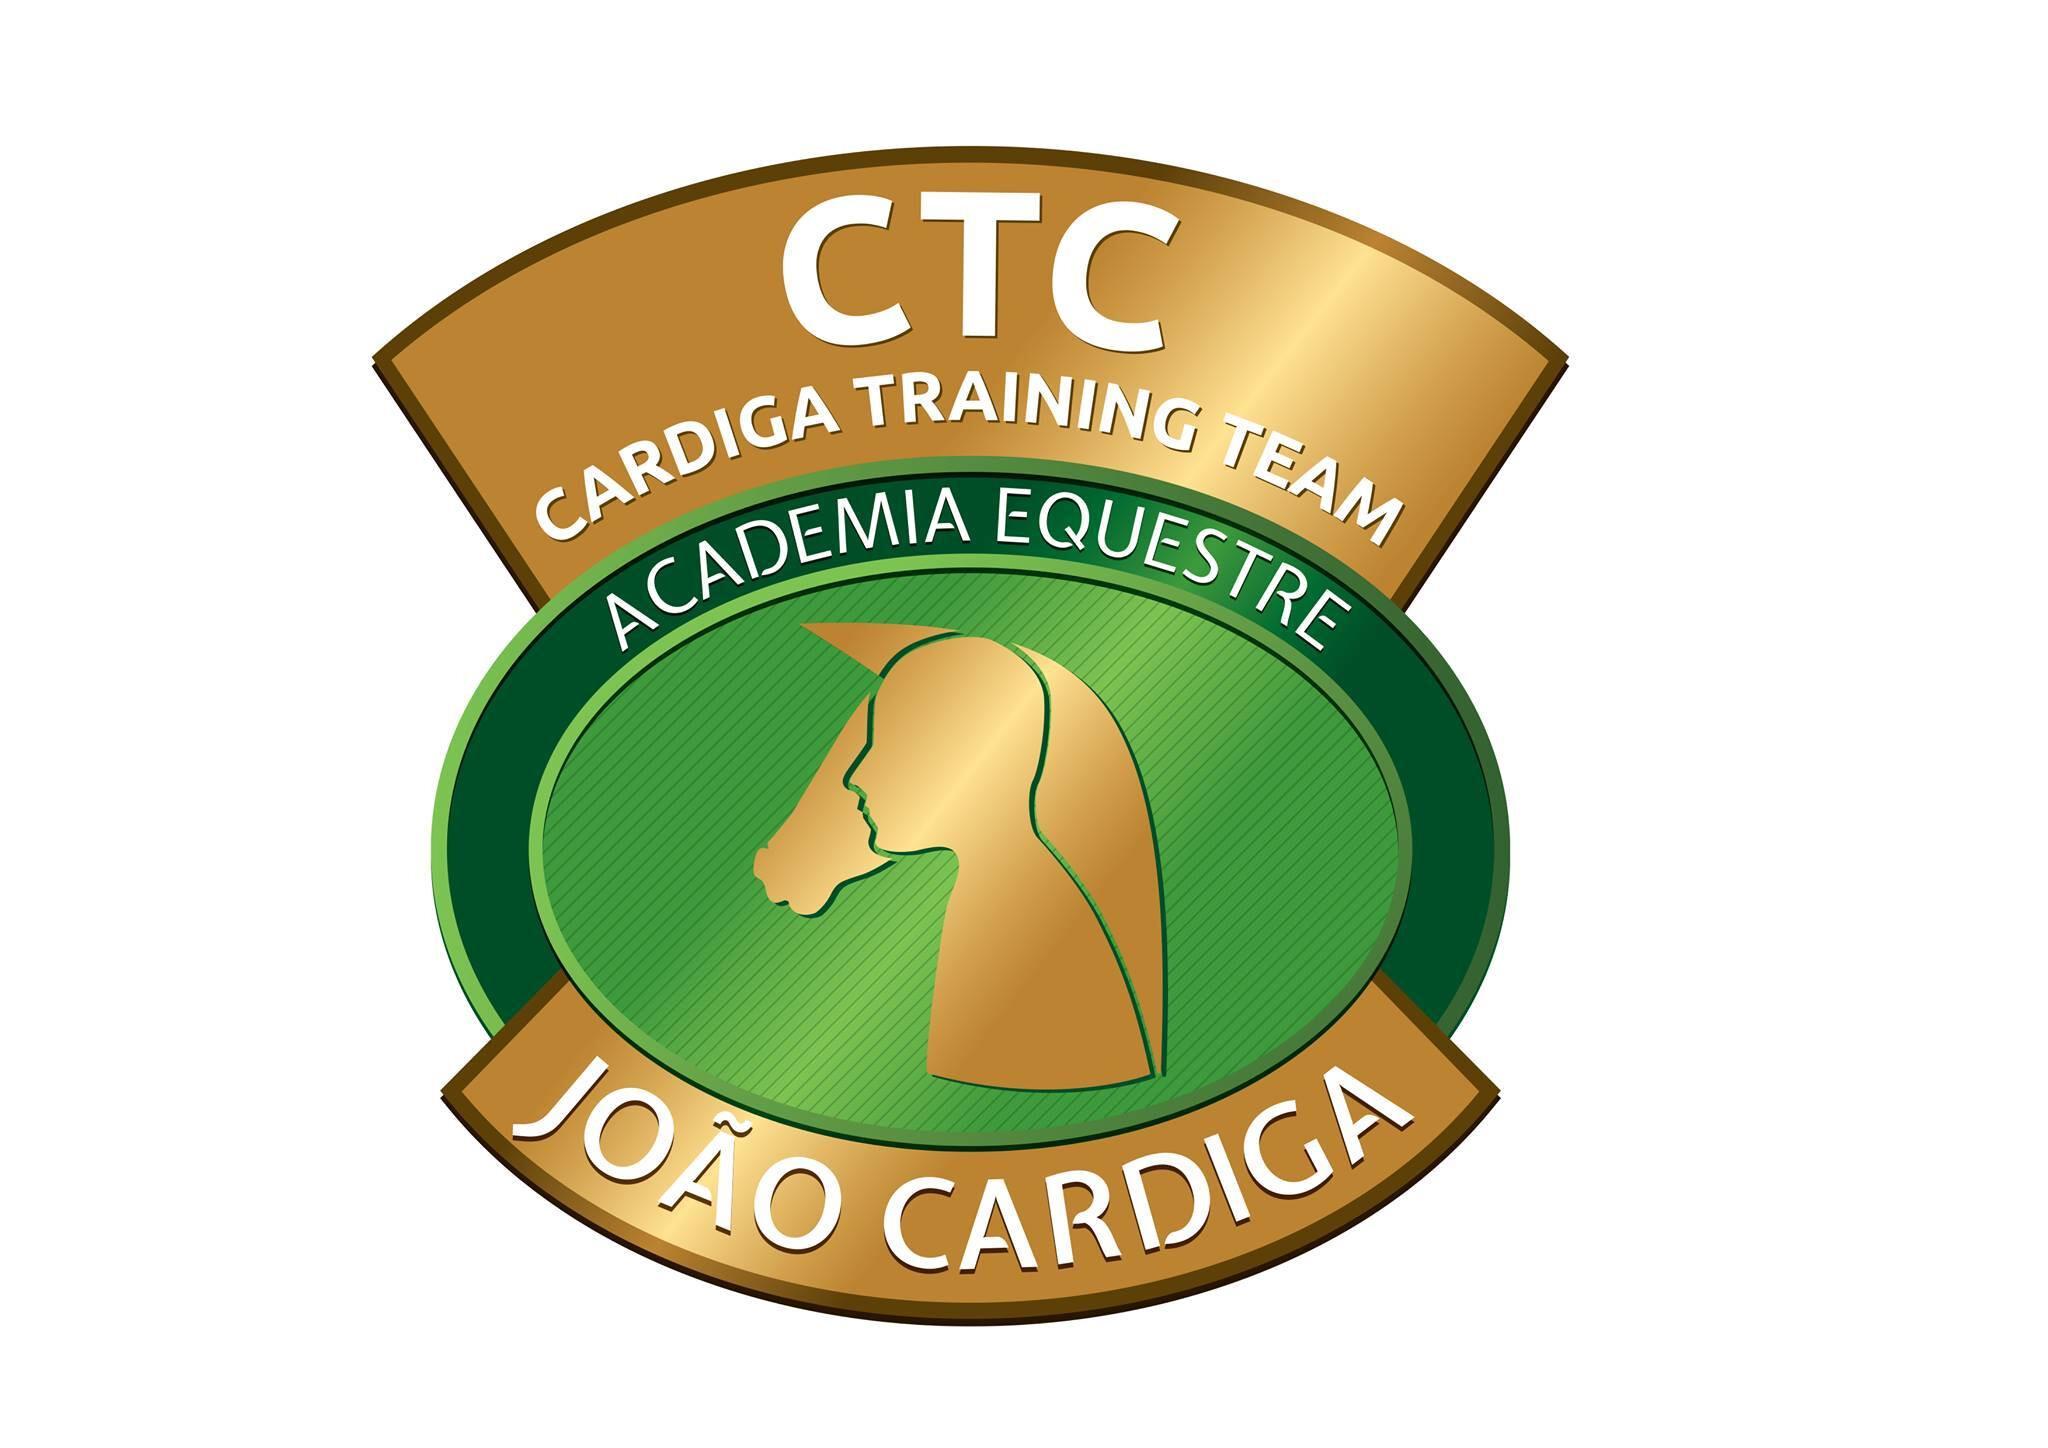 cardiga training centre